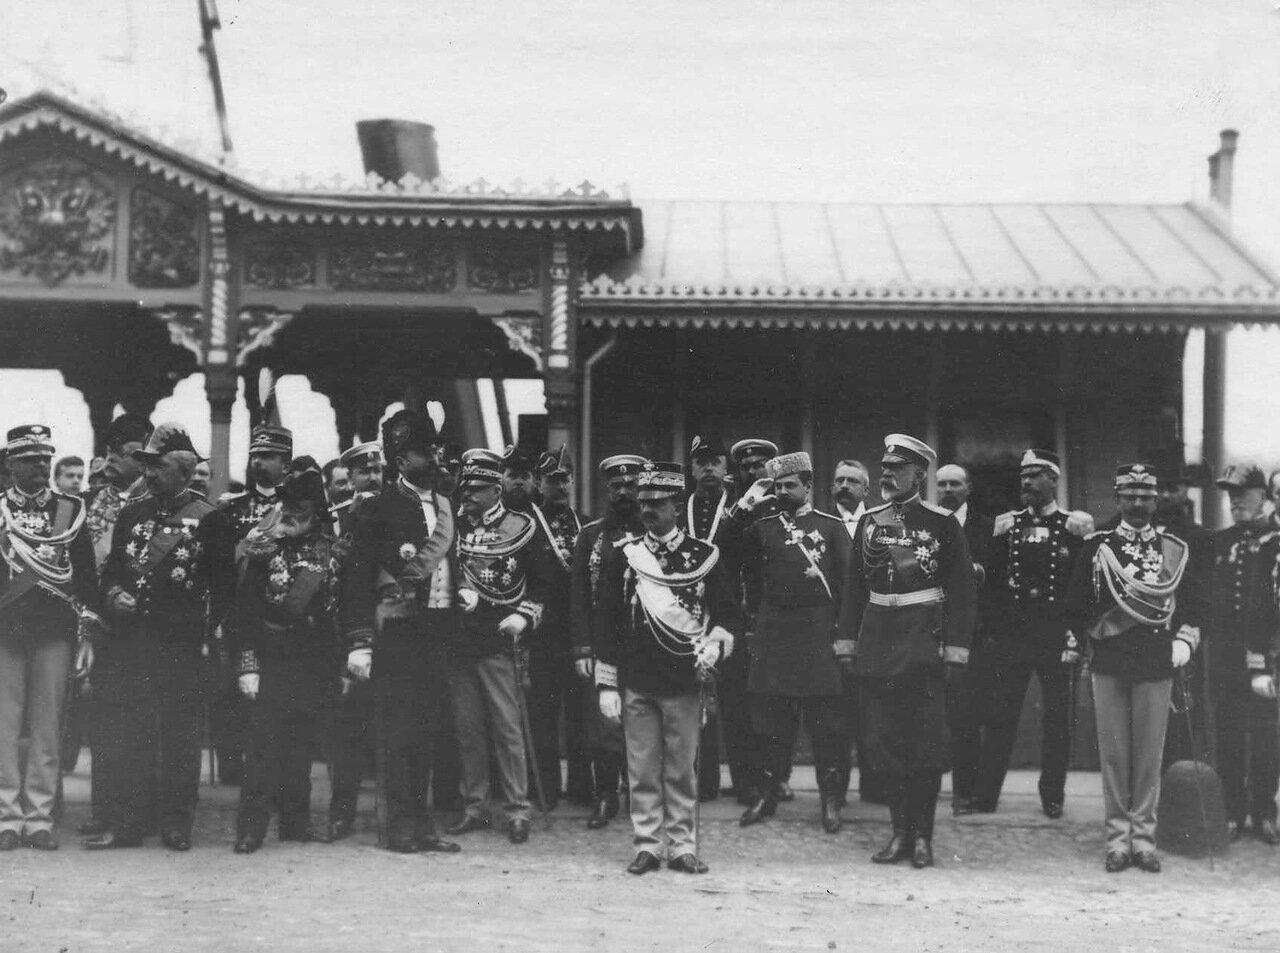 05.Встреча итальянского короля Виктора Эммануила III (стоит на первом плане) на пристани на Английской набережной